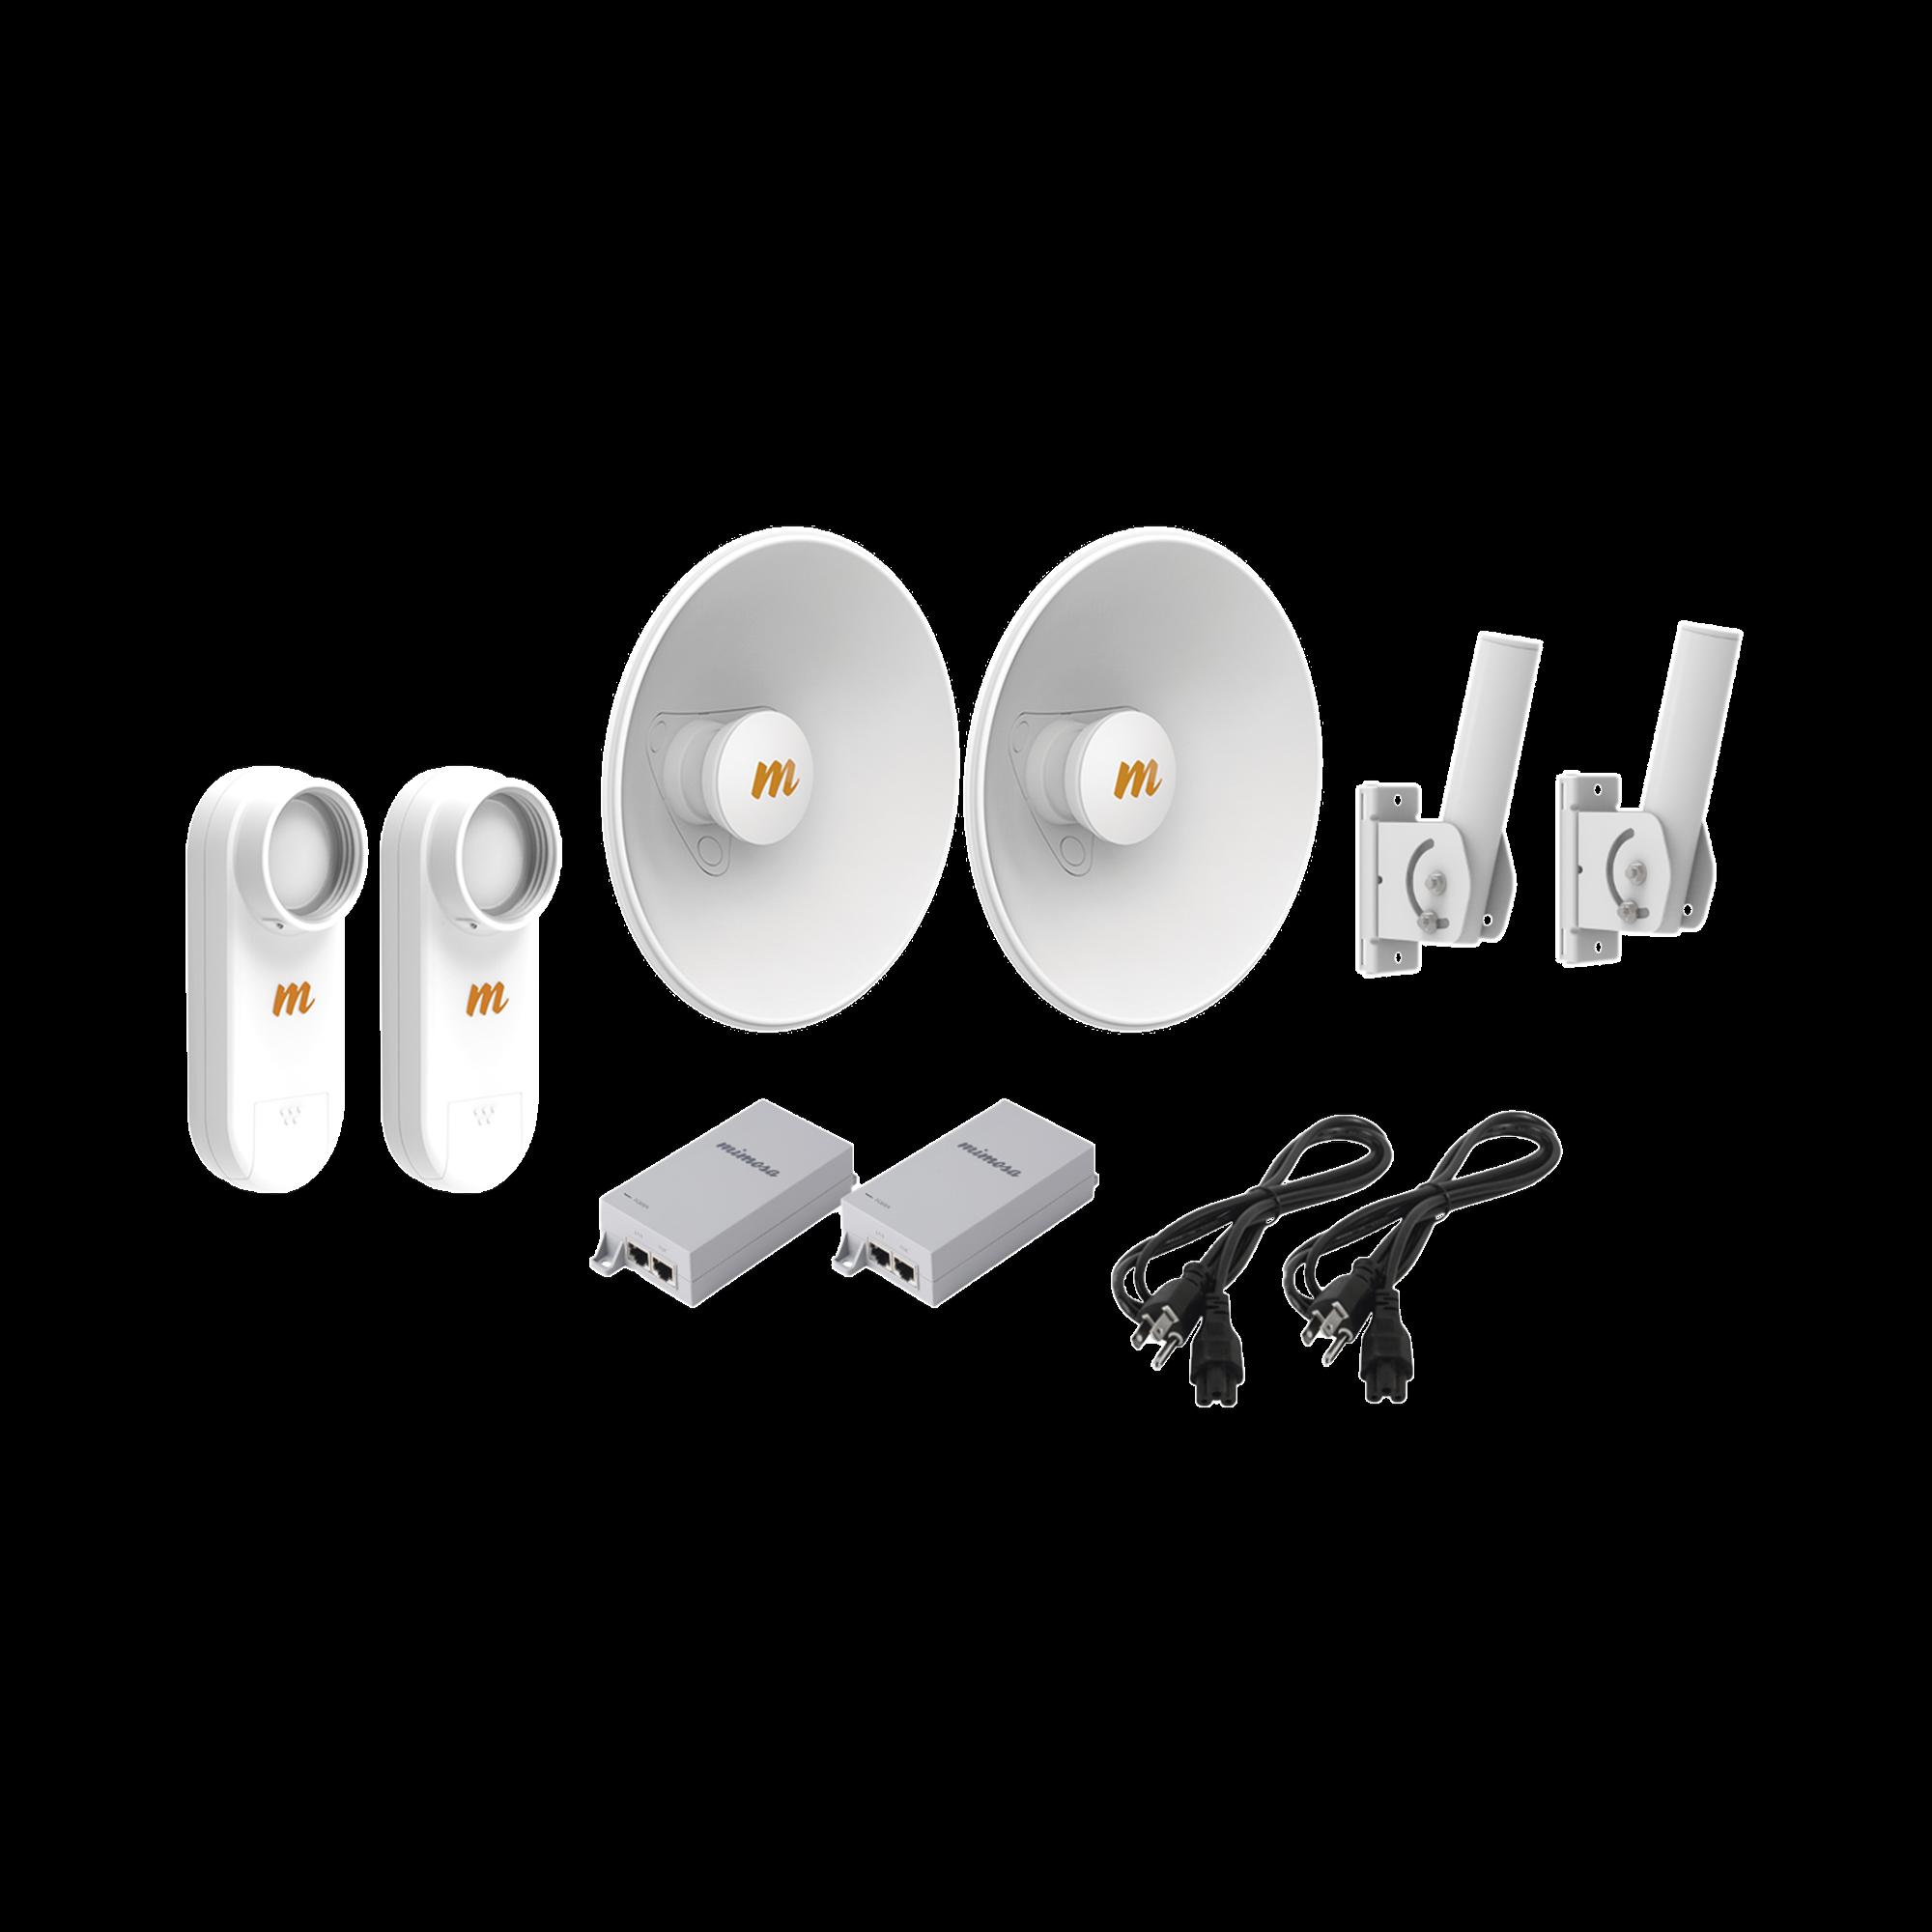 Kit de 2 radios C5X con  kit N5-X20-2PACK (20 dBi), rango de frecuencia extendida (4.9 a 6.4 GHz),  incluye inyector POE, distancia de hasta 8 km